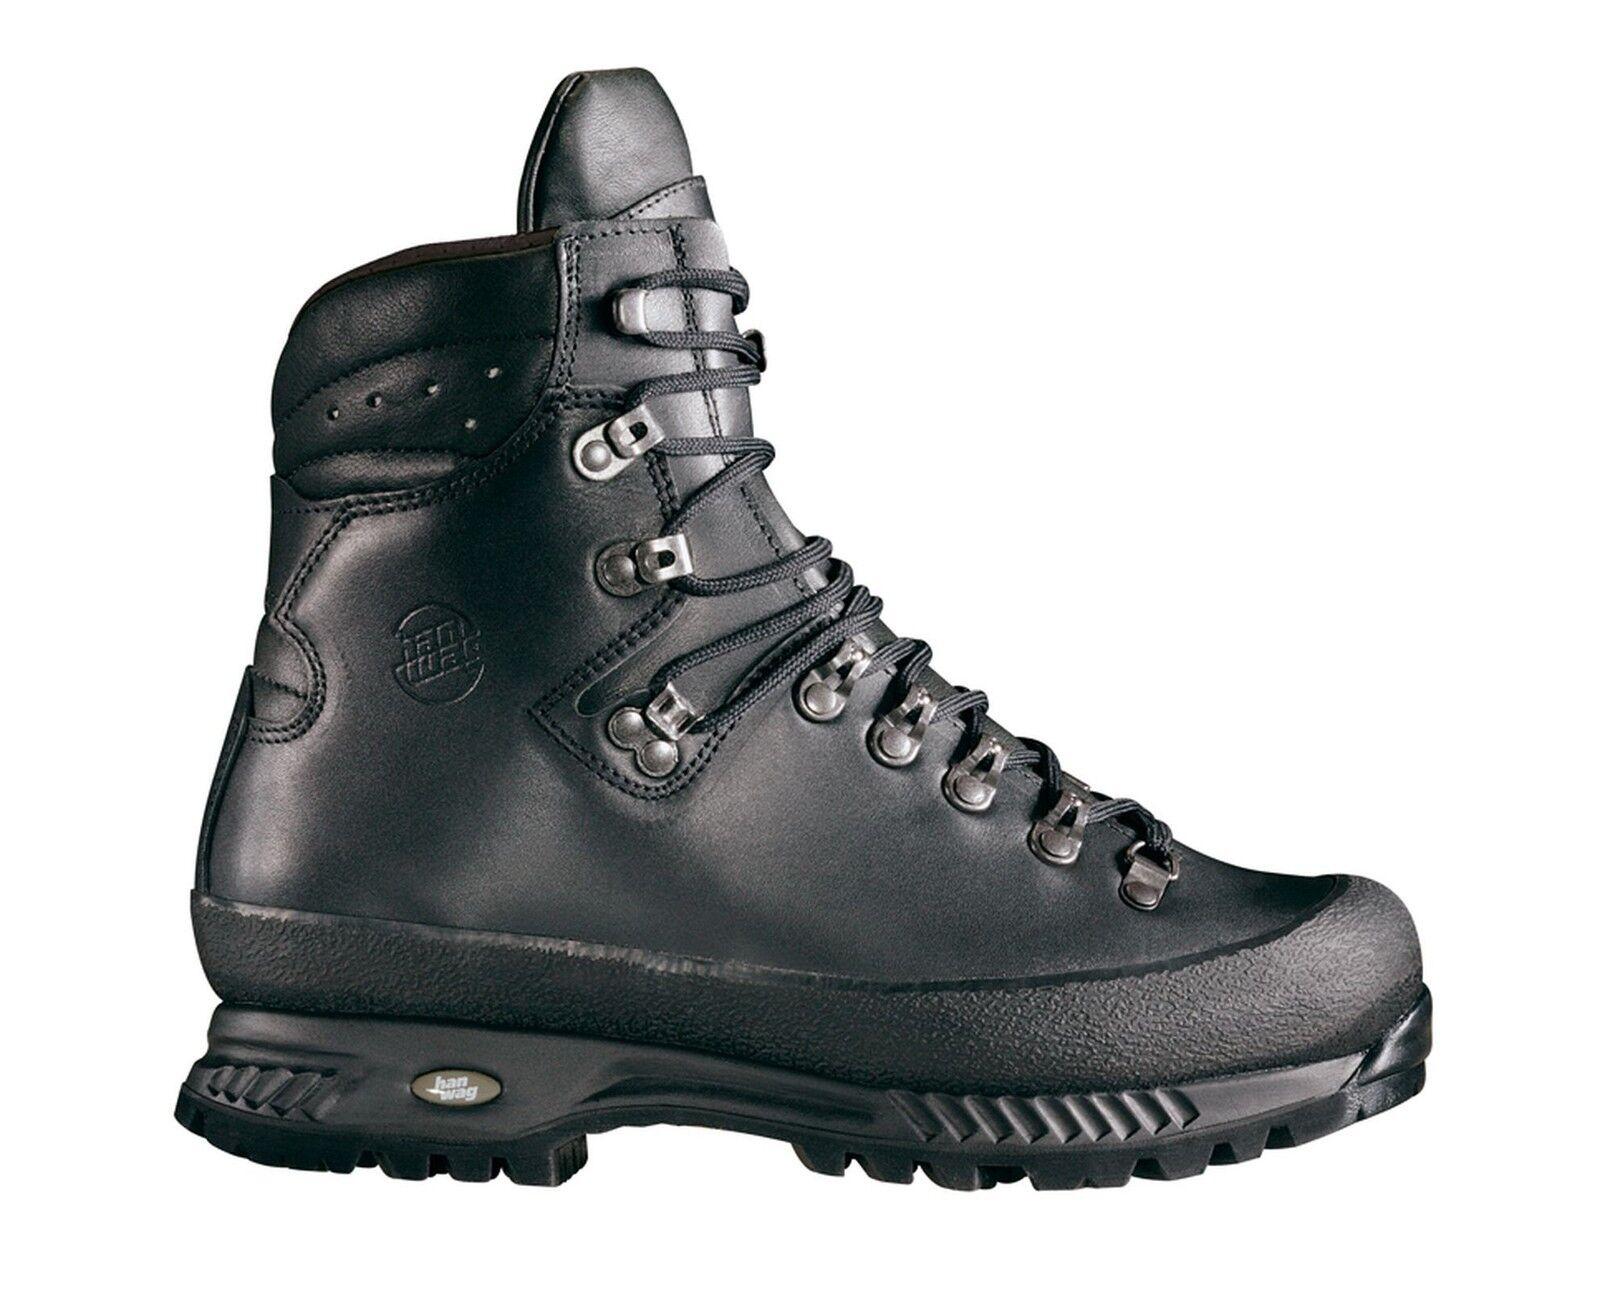 Hanwag Bergschuhe: Yukon Men Leder Größe 10,5 - 45 schwarz